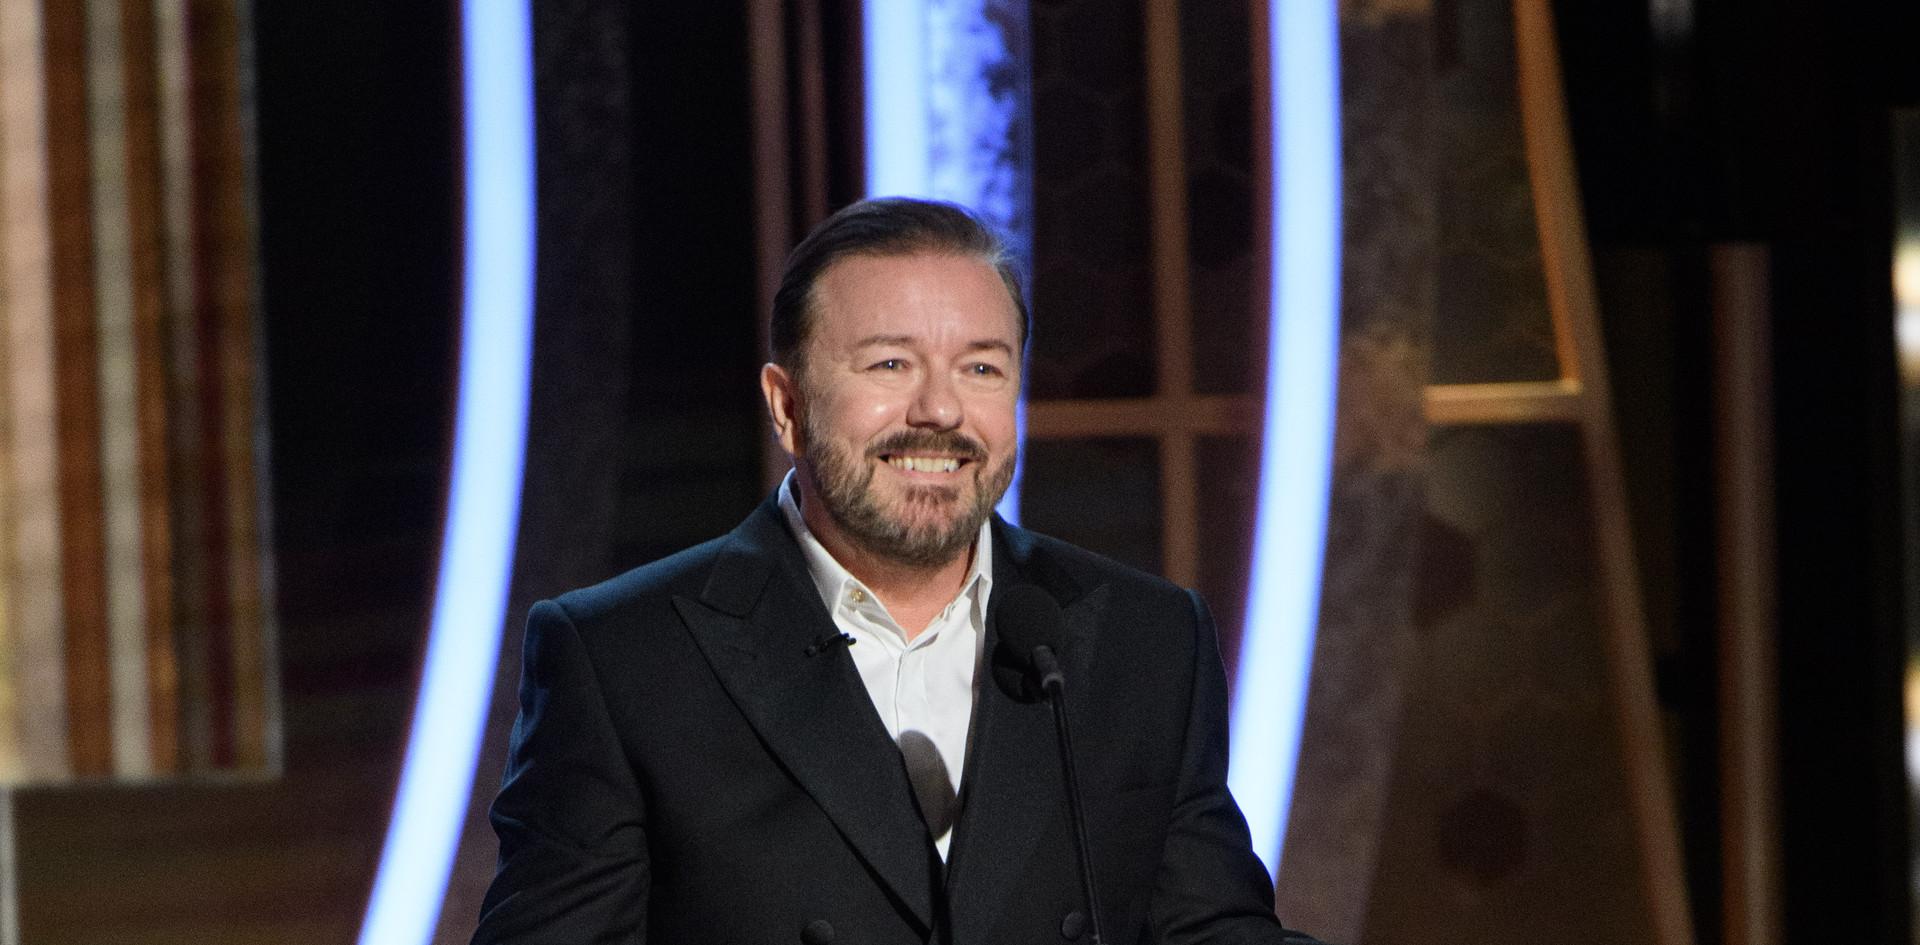 O comediante britânico Ricky Gervais regressou pela quinta vez como anfitrião da noite na Cerimónia da Entrega dos Golden Globes no 77th Annual Golden Globe Awards no Beverly Hilton, em Beverly Hills, CA.  Fotografia: HFPA Photographer